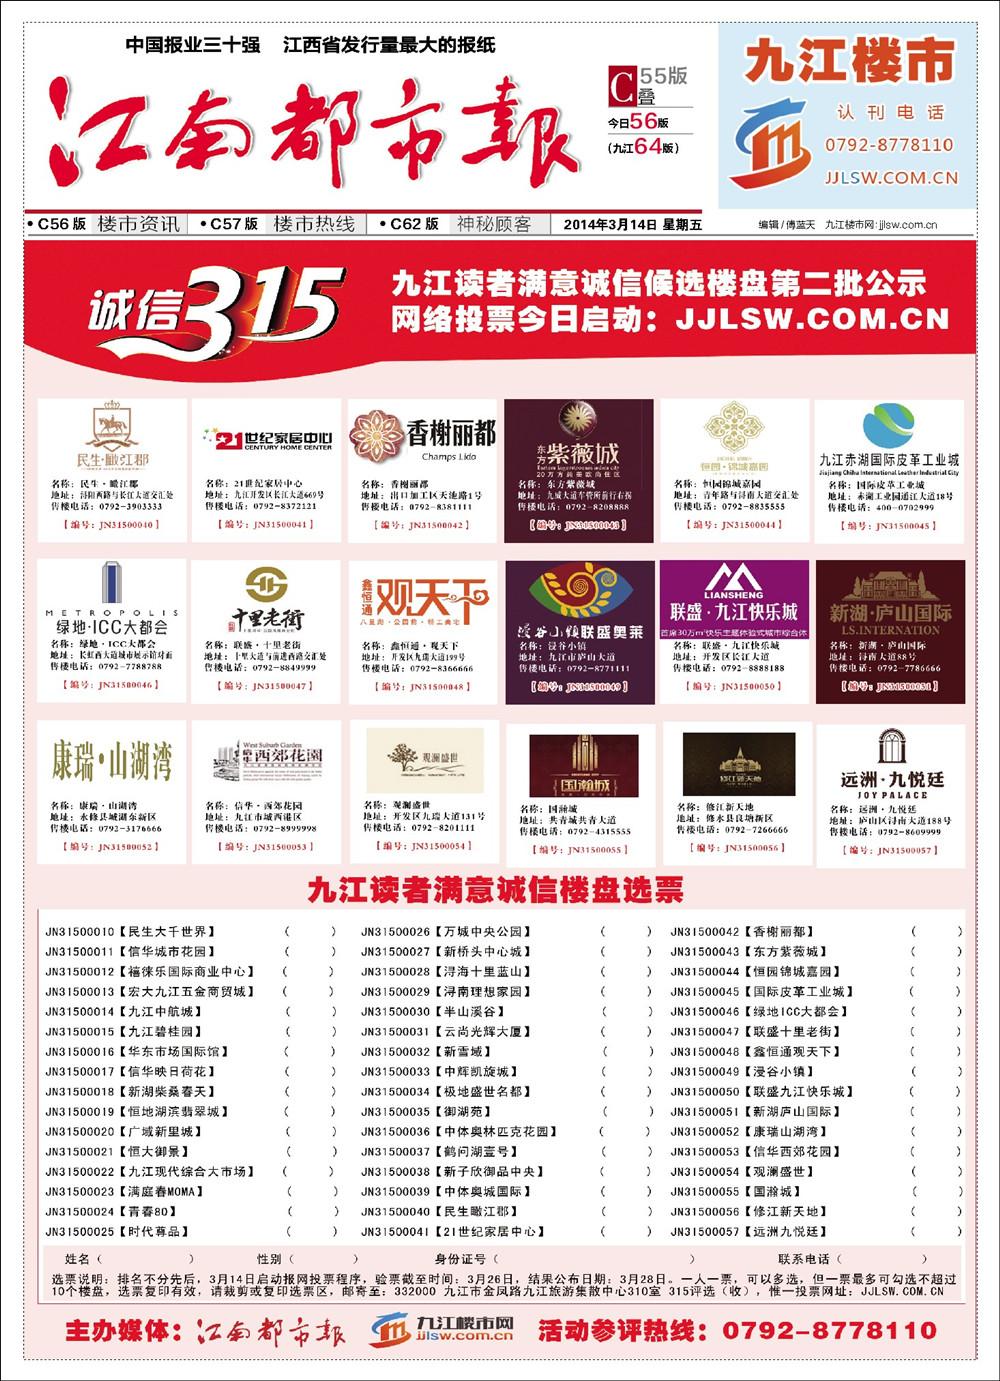 江南都市报3月14日《亚博体育app苹果楼市版》一版